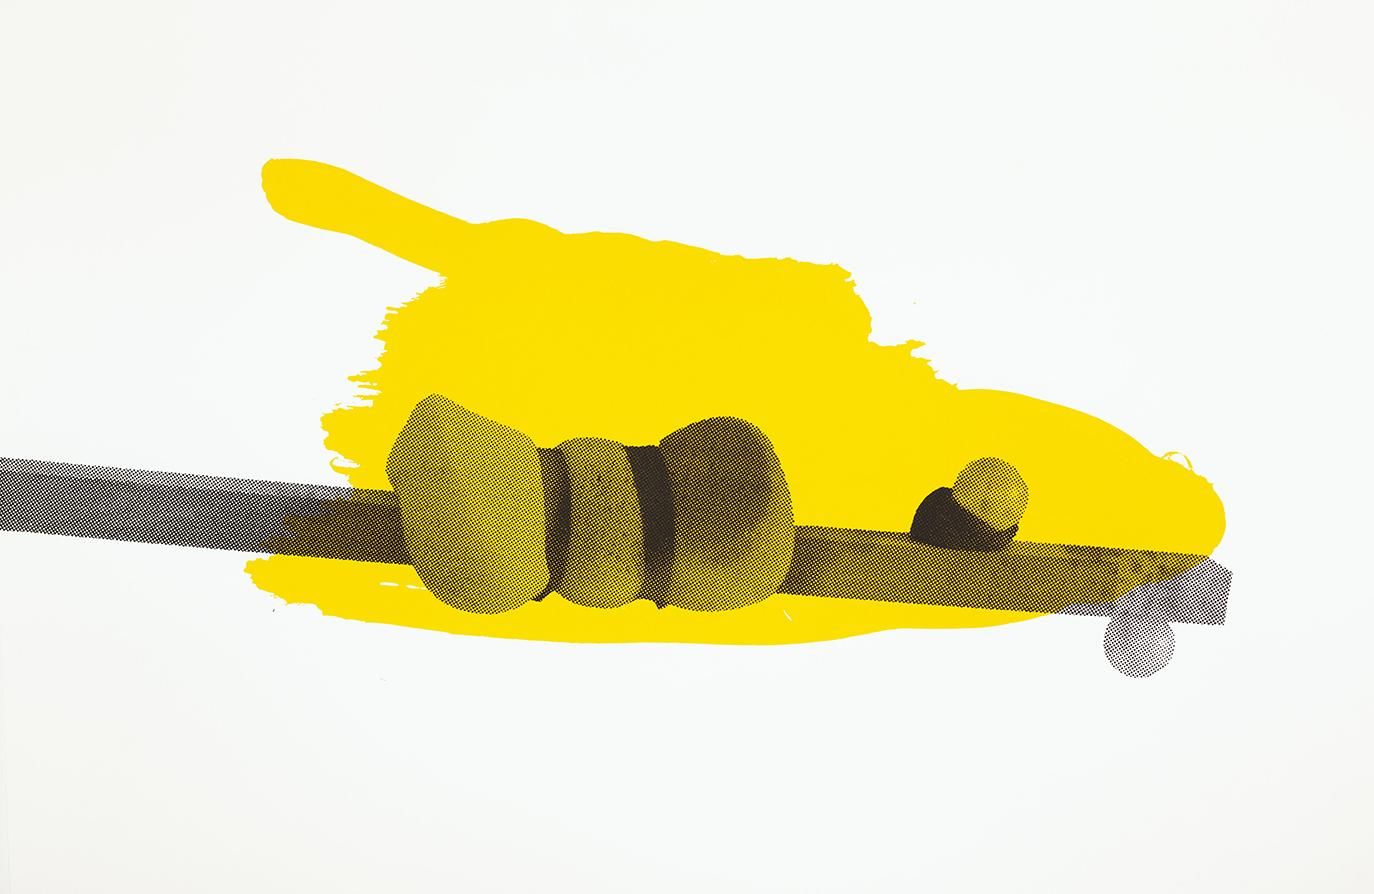 Matan Golan - Yellow